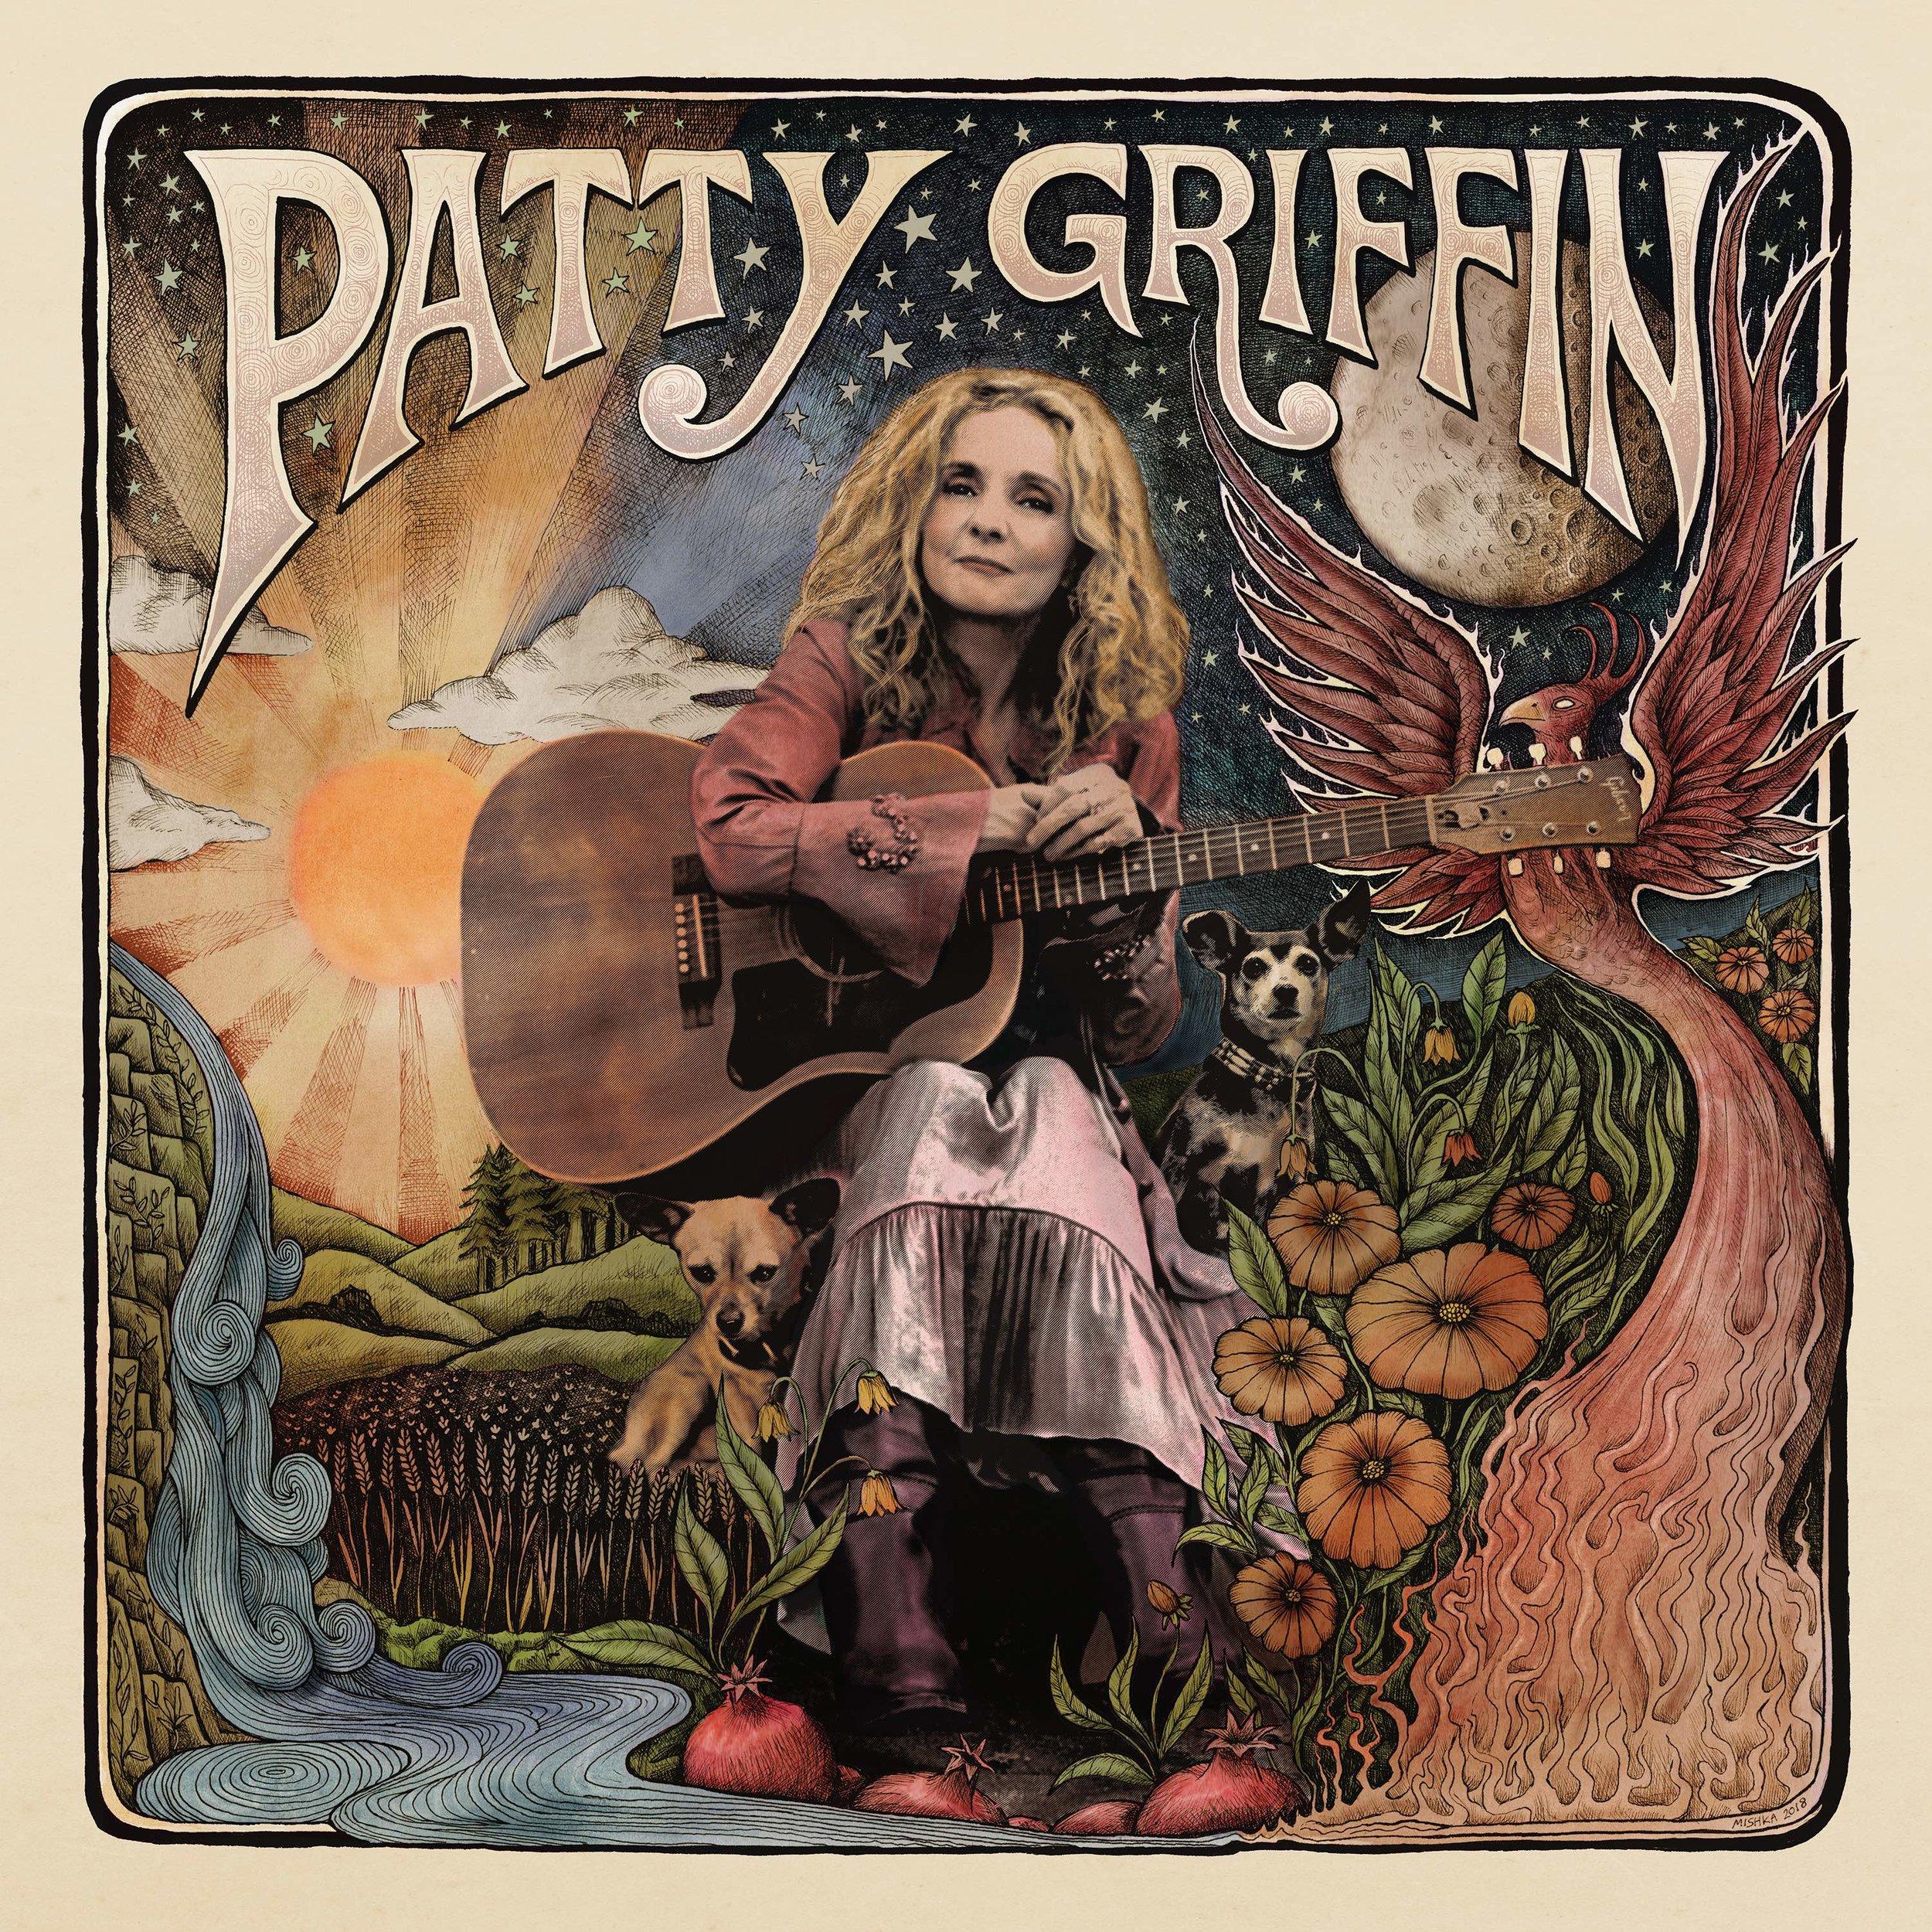 Patty Griffin ALBUM ART (2).jpg